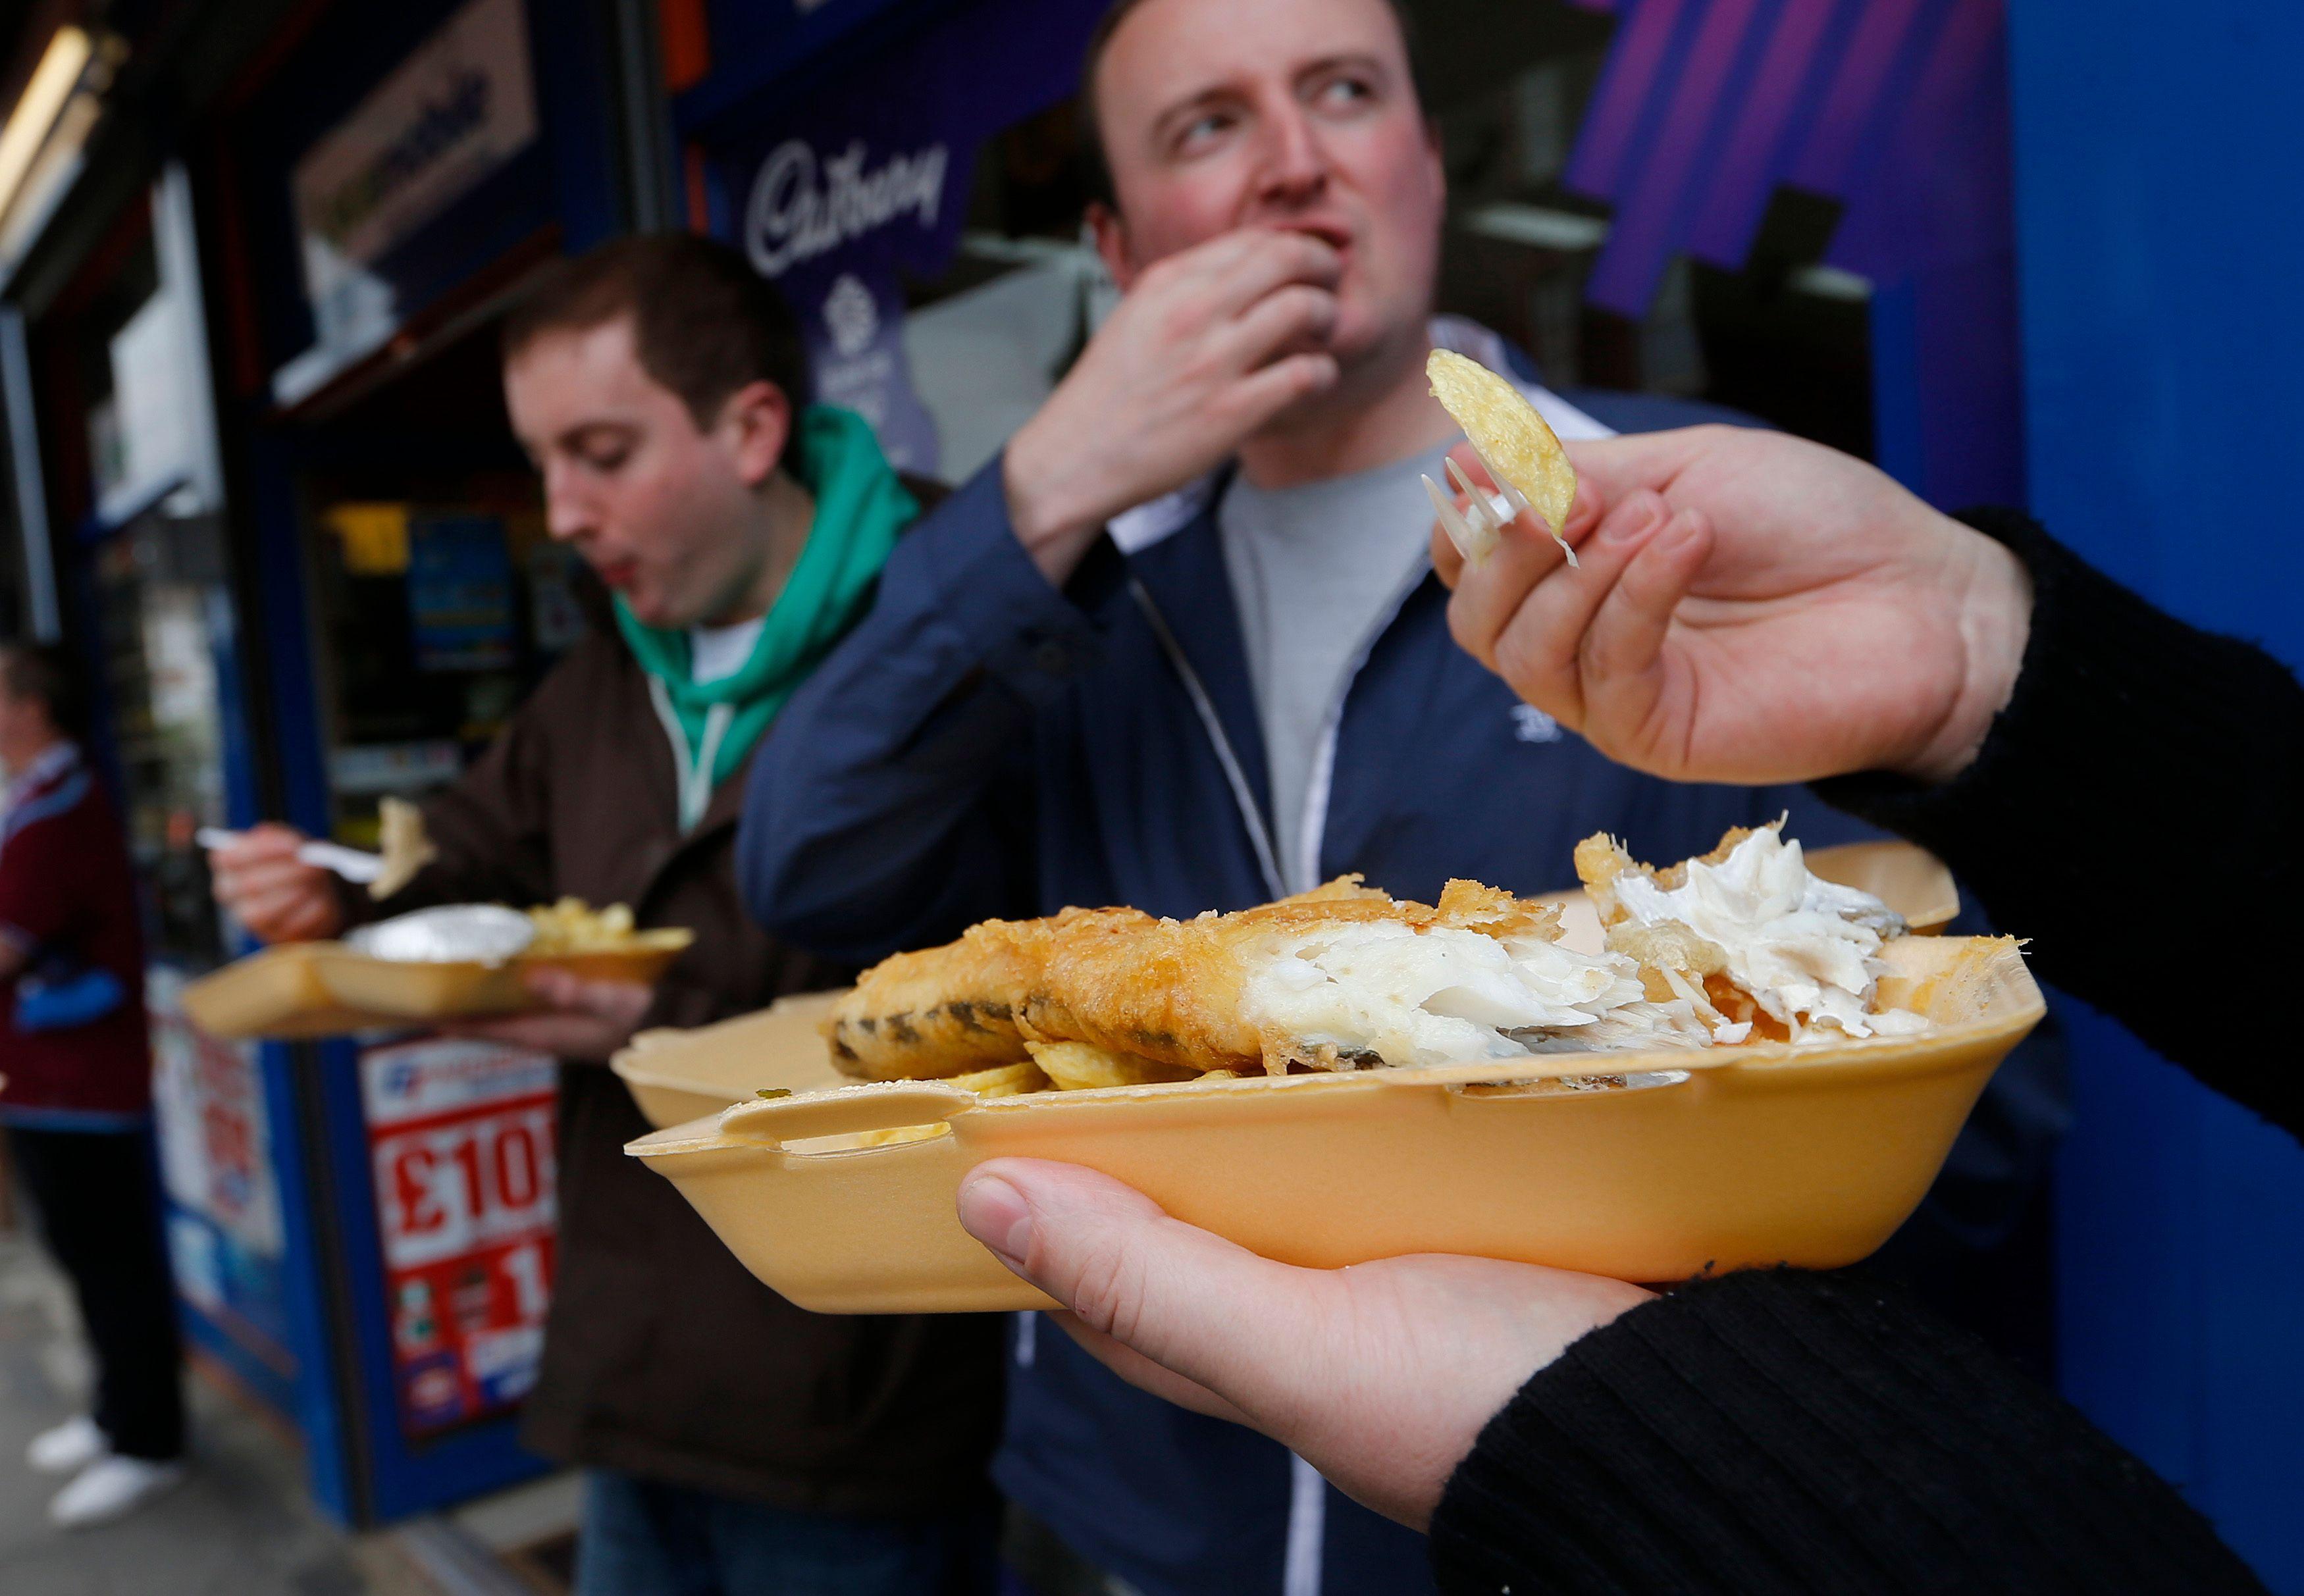 Les calories ne seraient pas l'unique raison de l'obésité qui sévit aux Etats-Unis.